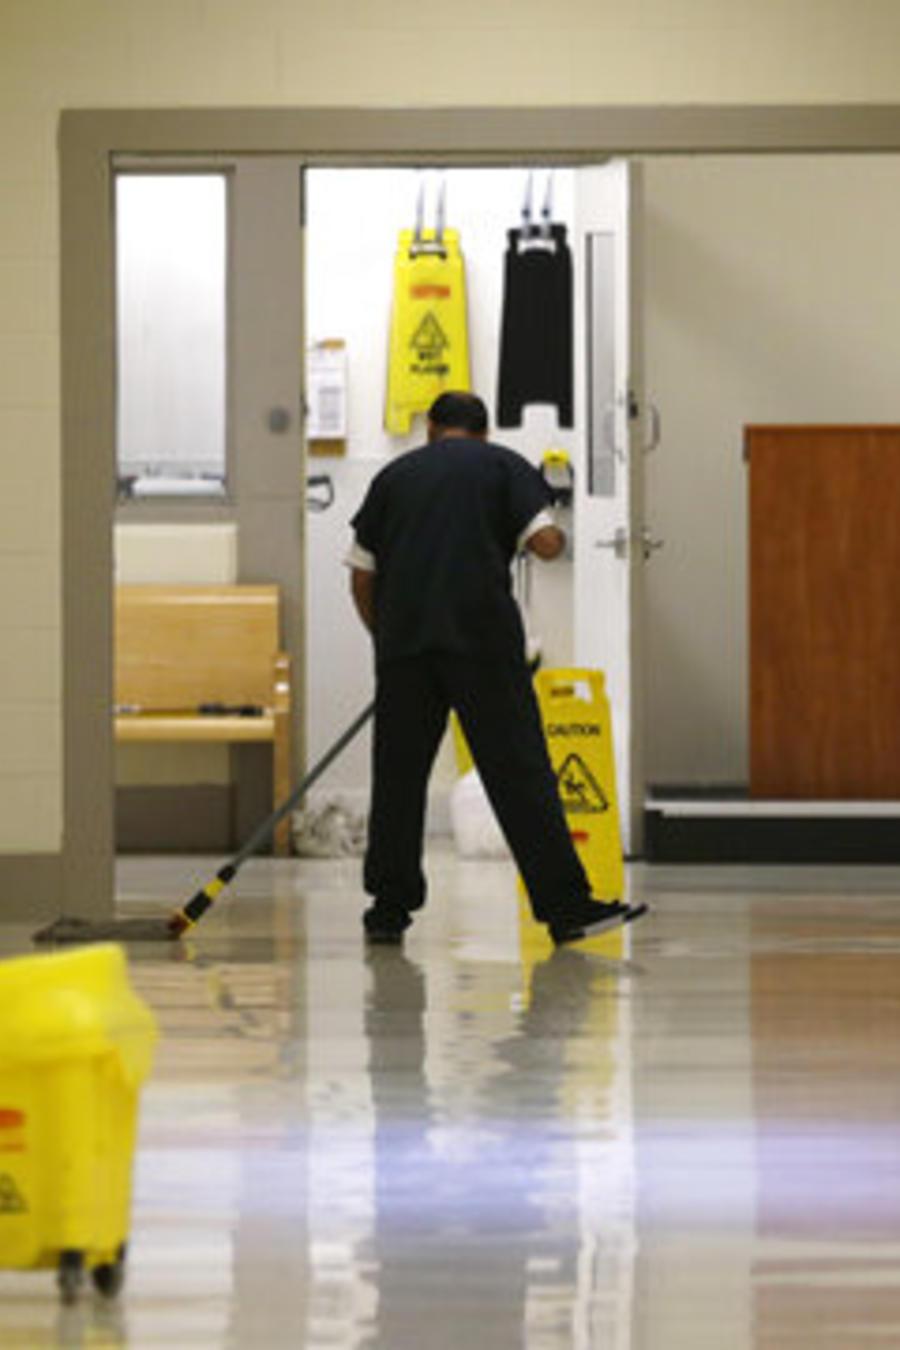 Un inmigrante detenido en el Centro de Detención del Noroeste de Tacoma, Washington, realiza tareas de limpieza en una foto de archivo de 2017.